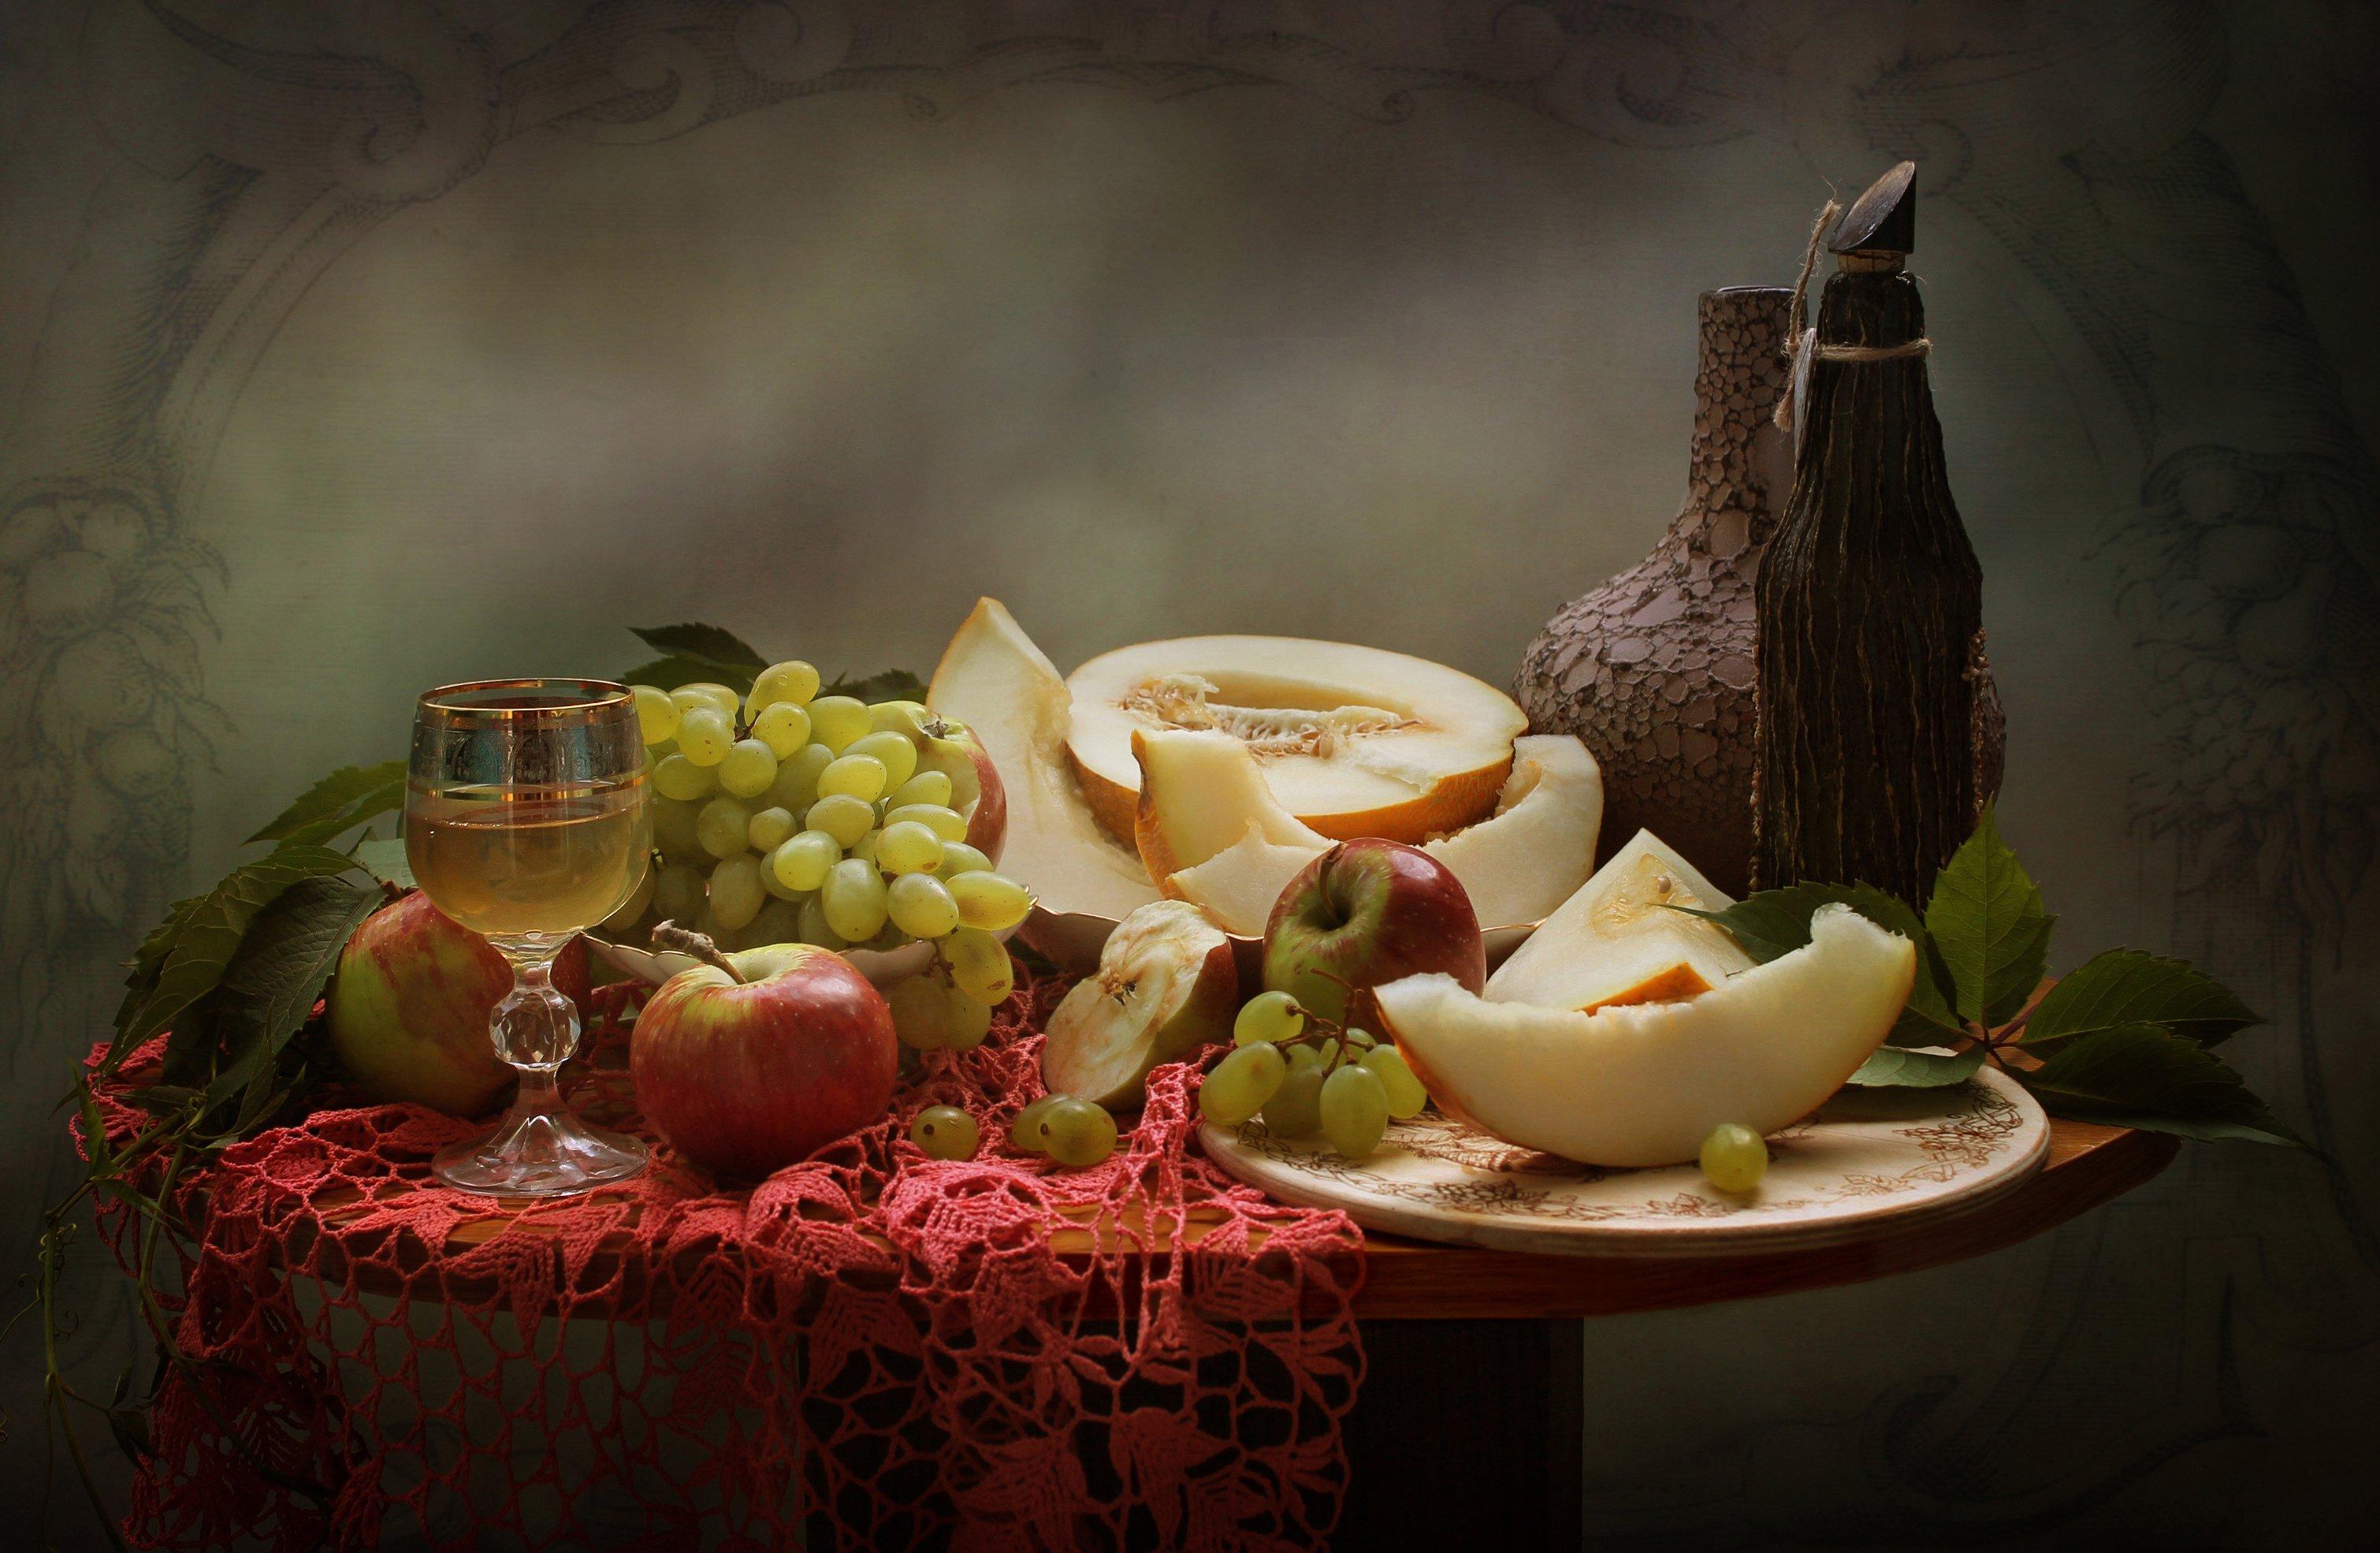 натюрморт, фрукты, кувшин, виноград, дыня, яблоки, бокал, Ковалева Светлана